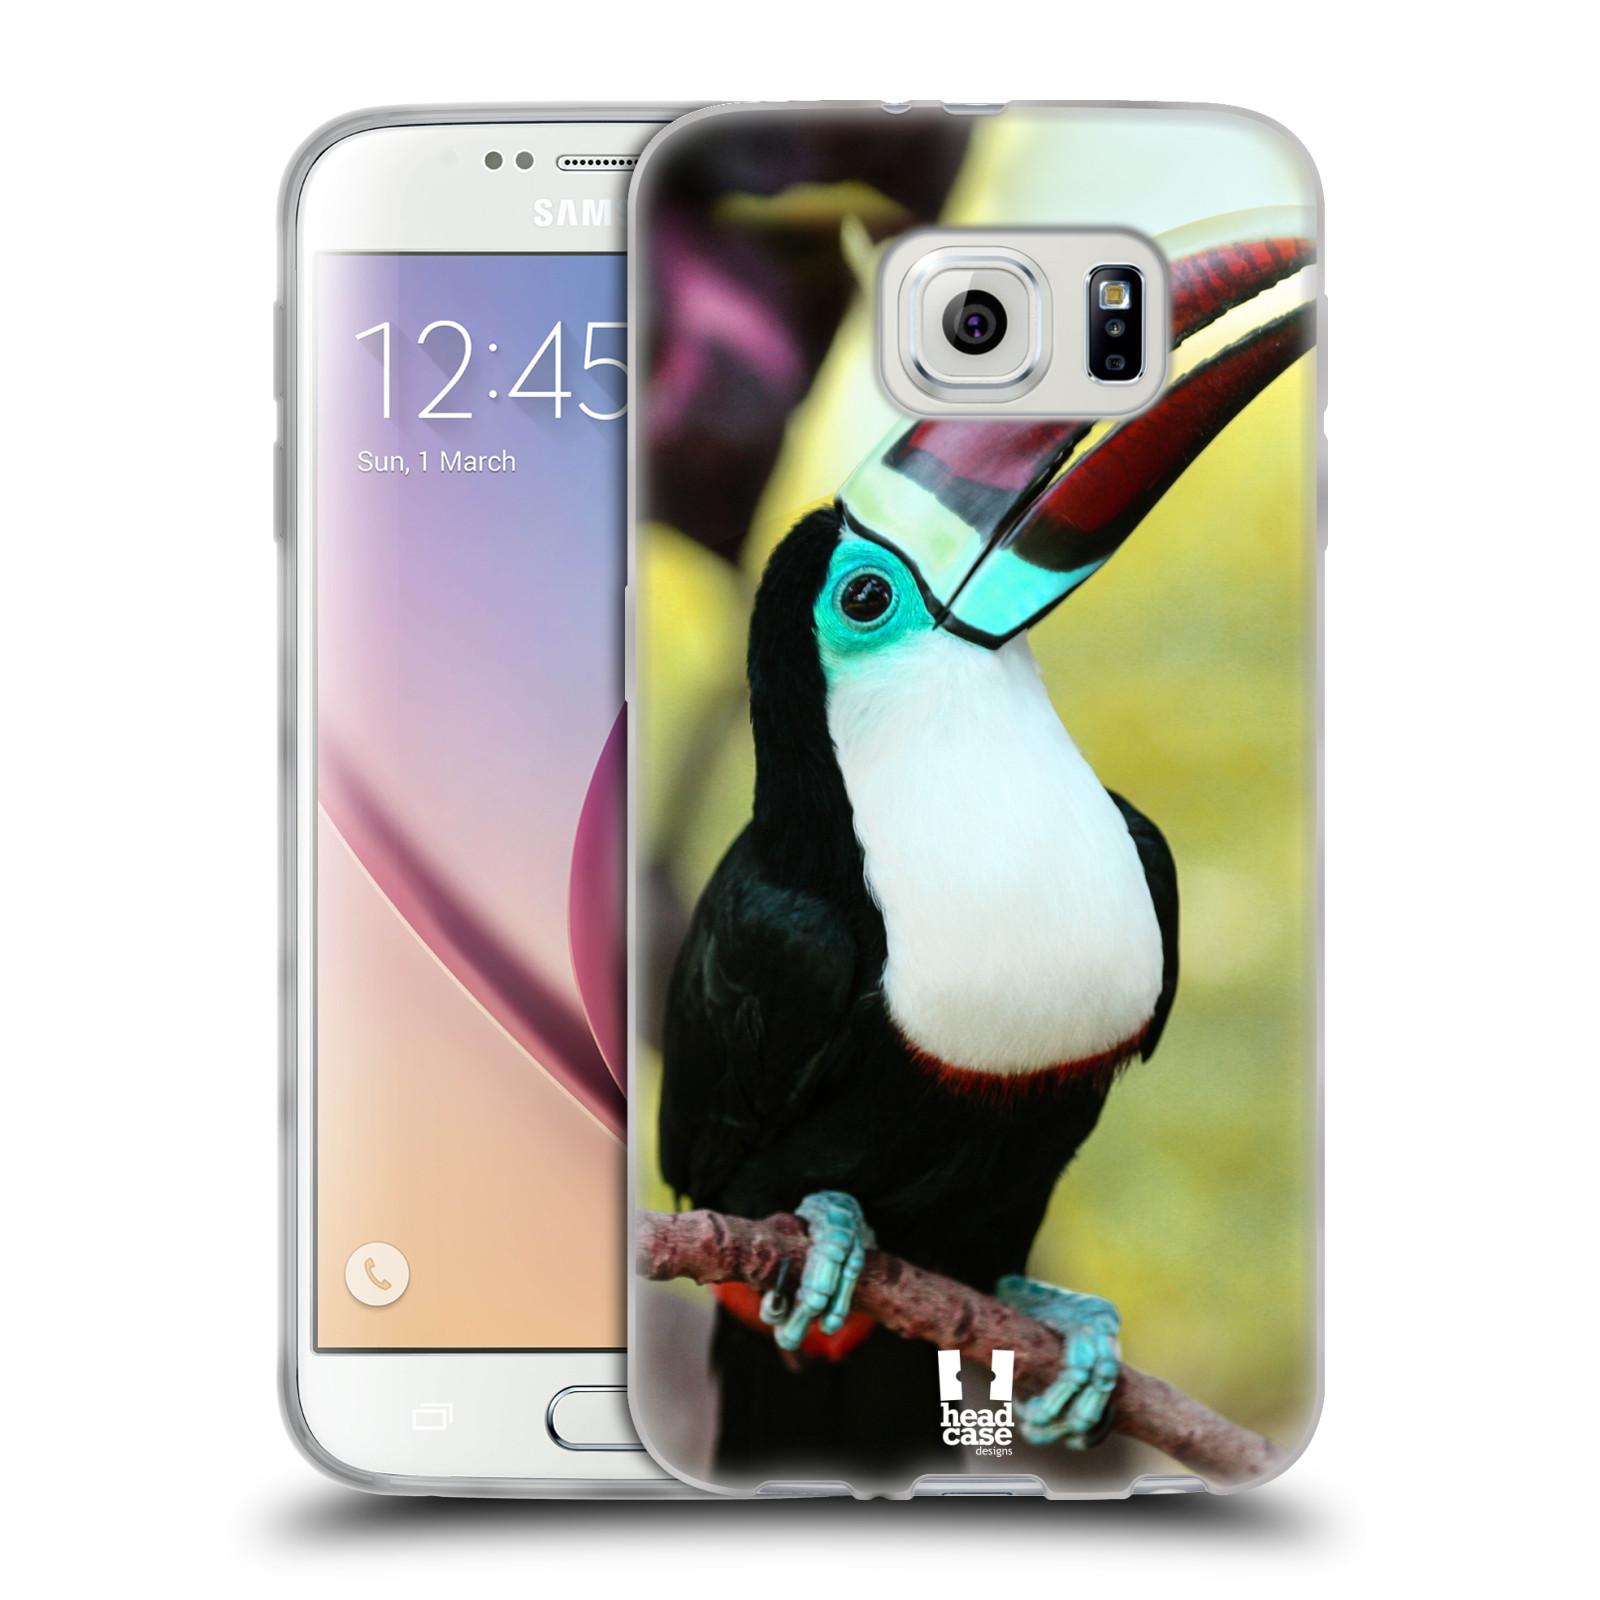 HEAD CASE silikonový obal na mobil Samsung Galaxy S6 vzor slavná zvířata foto tukan